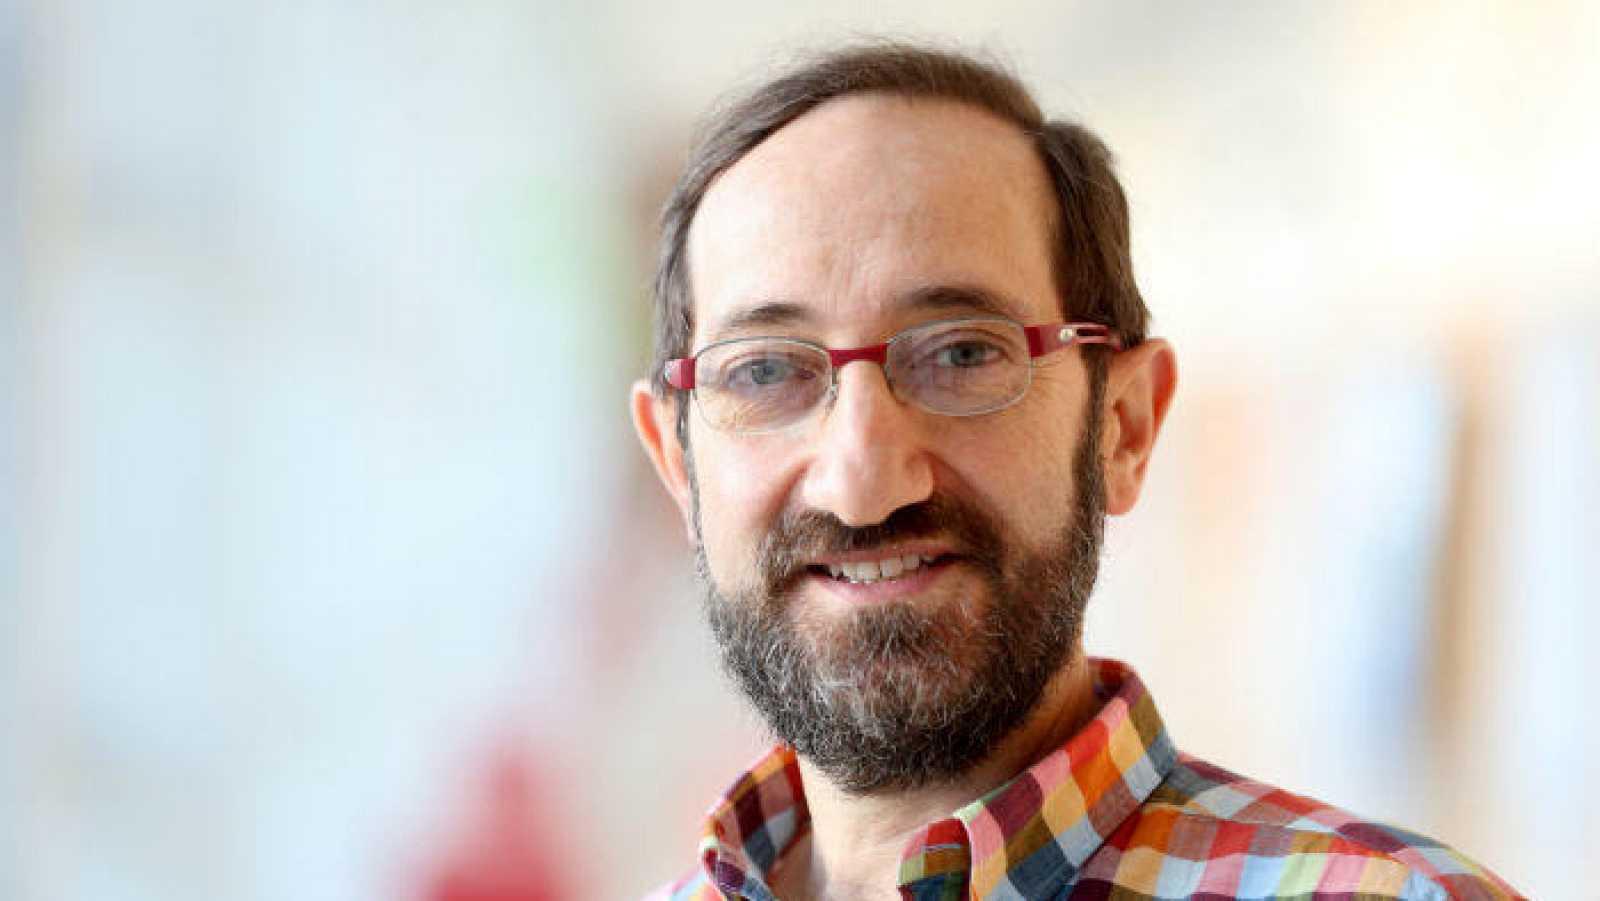 Españoles en la mar - Ángel Borja, uno de los investigadores más citados del mundo - 26/11/20 - escuchar ahora